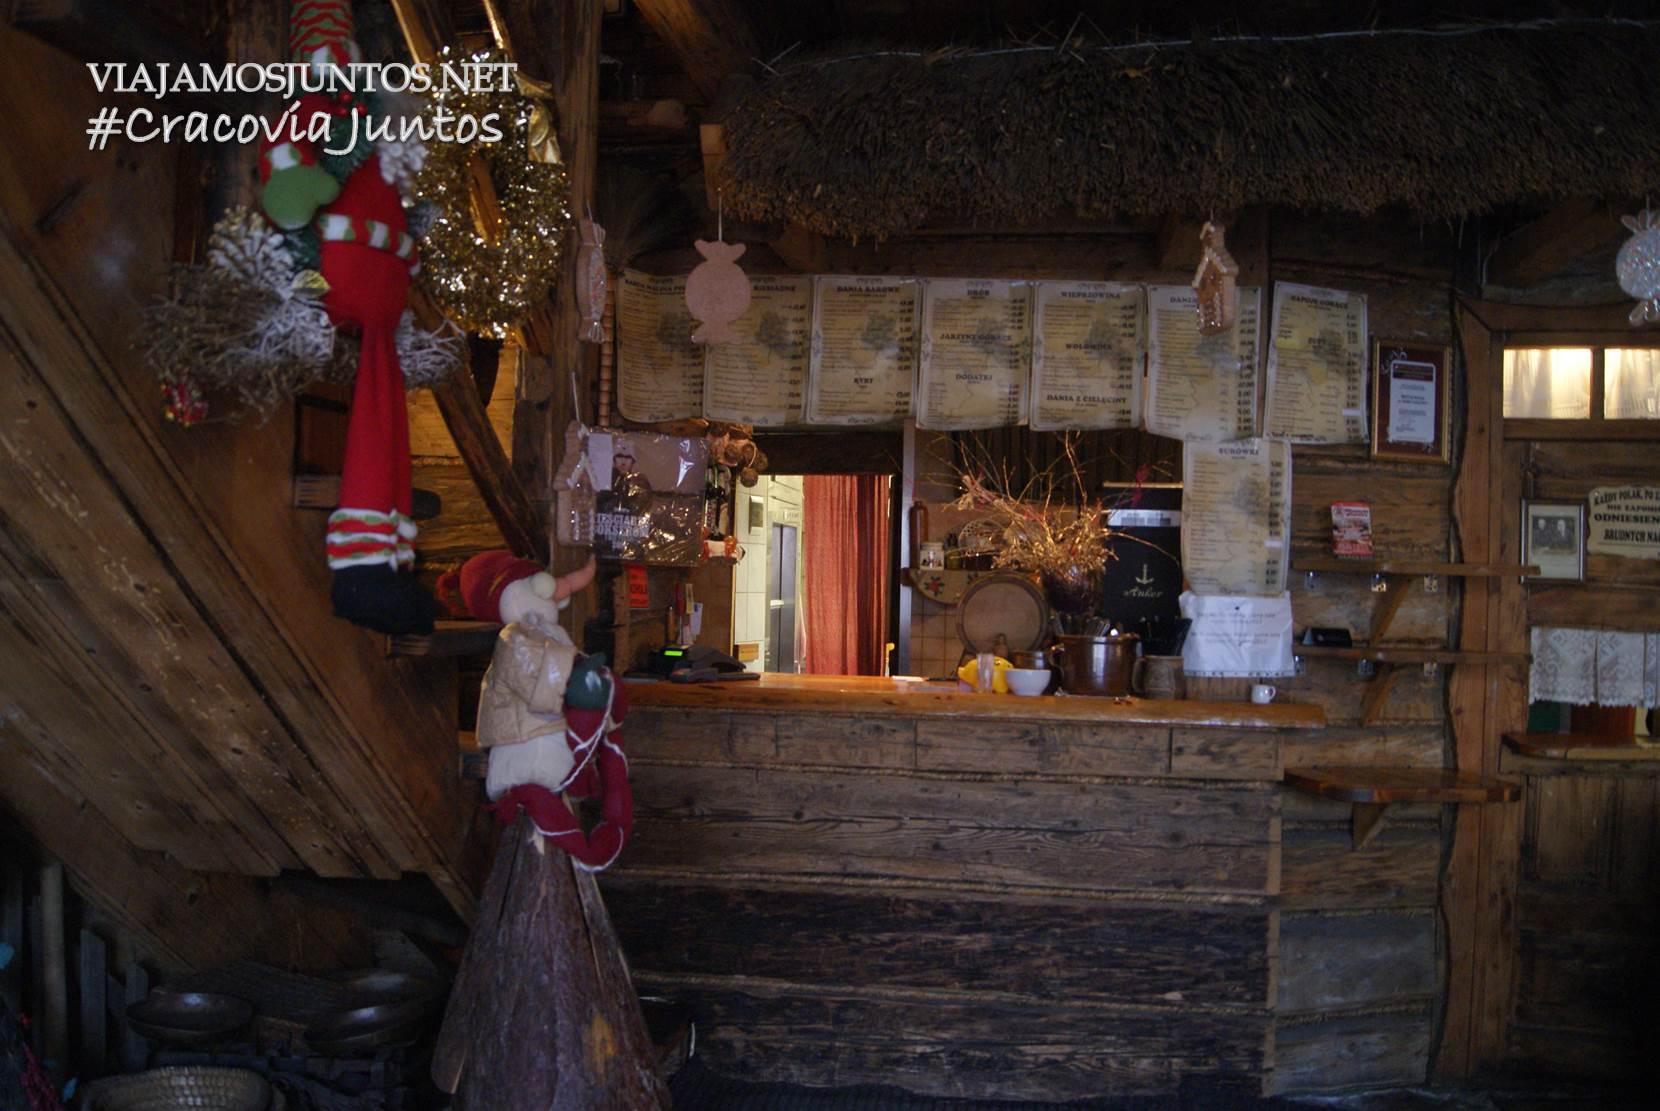 La ventanilla donde hay que pedir la comida. U Babci Malyny, Cracovia, Polonia